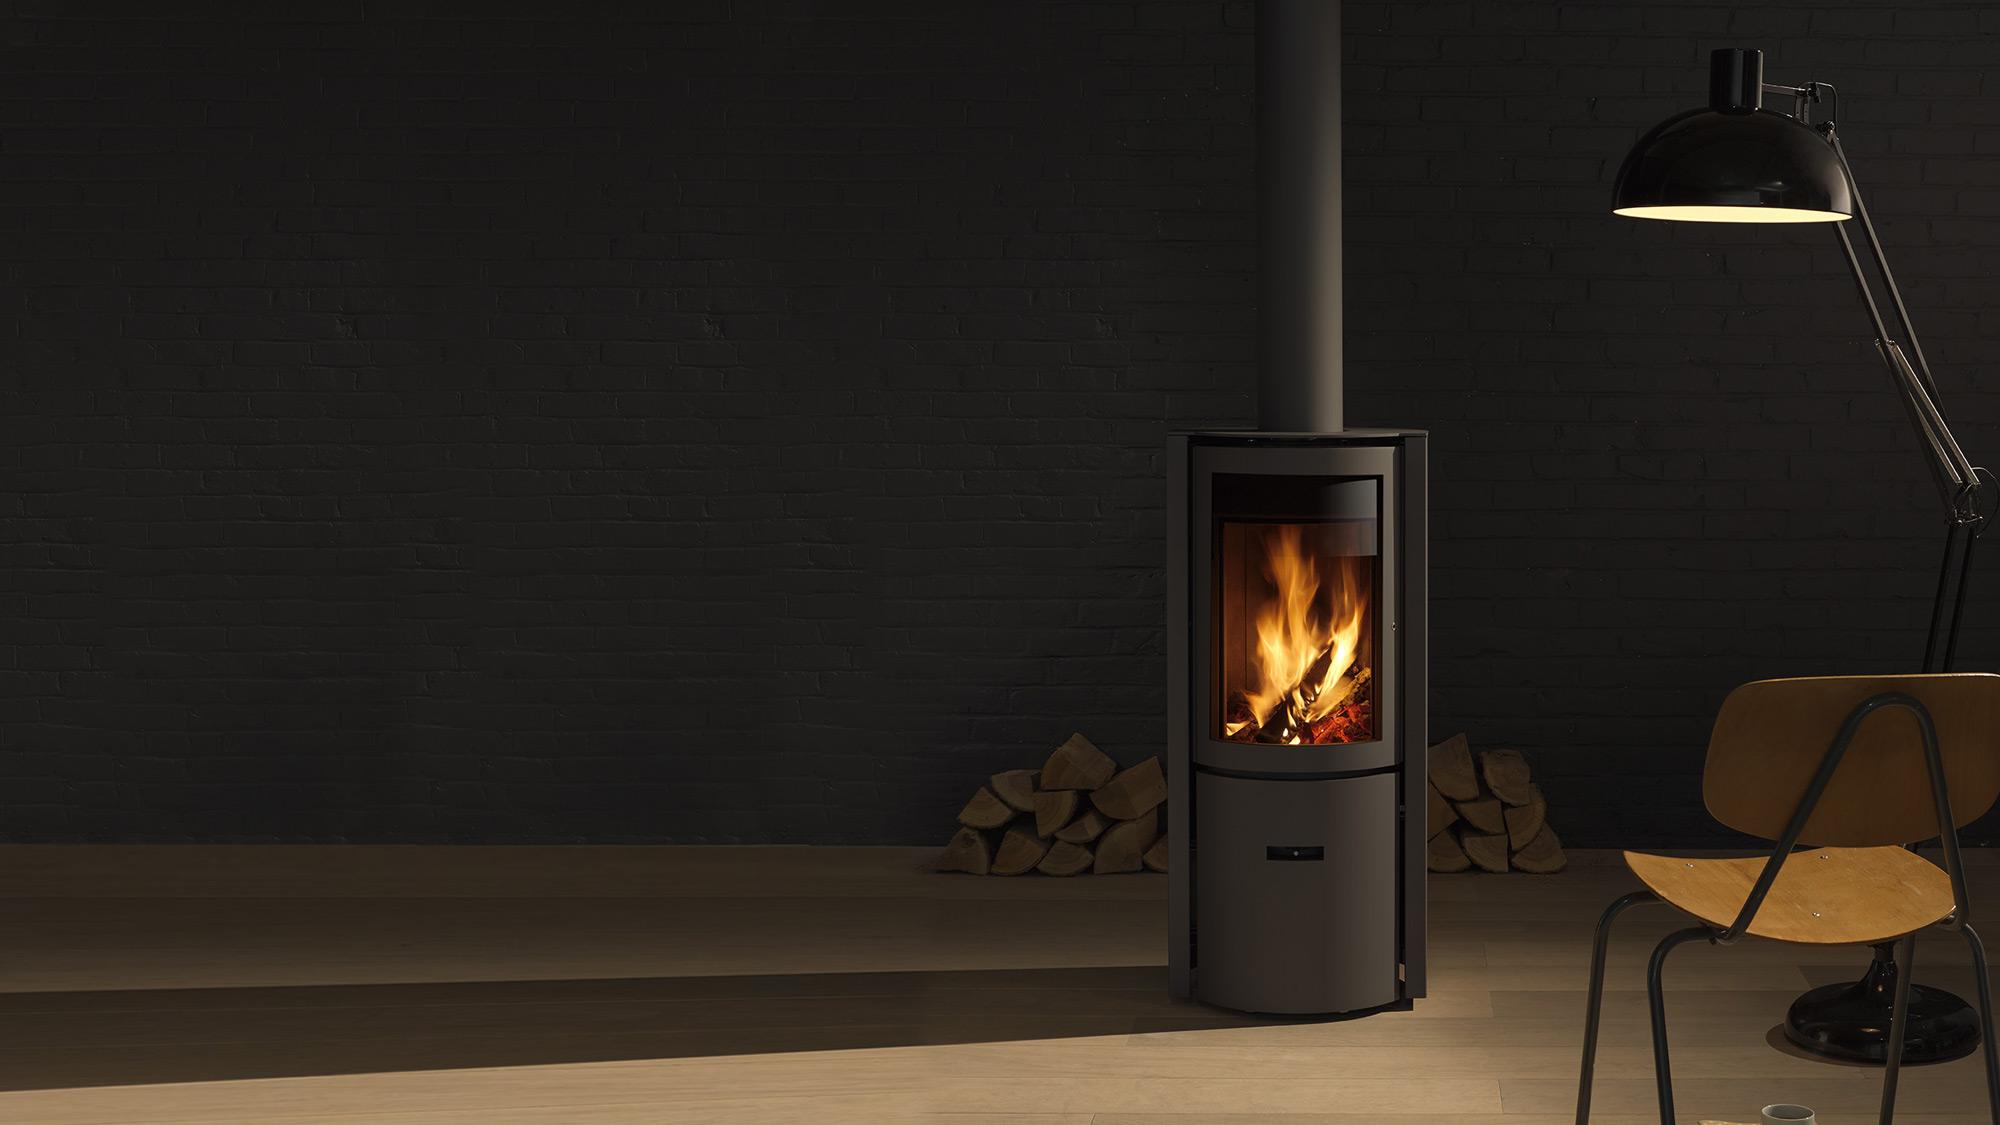 poele a bois stuv 30 compact st v. Black Bedroom Furniture Sets. Home Design Ideas